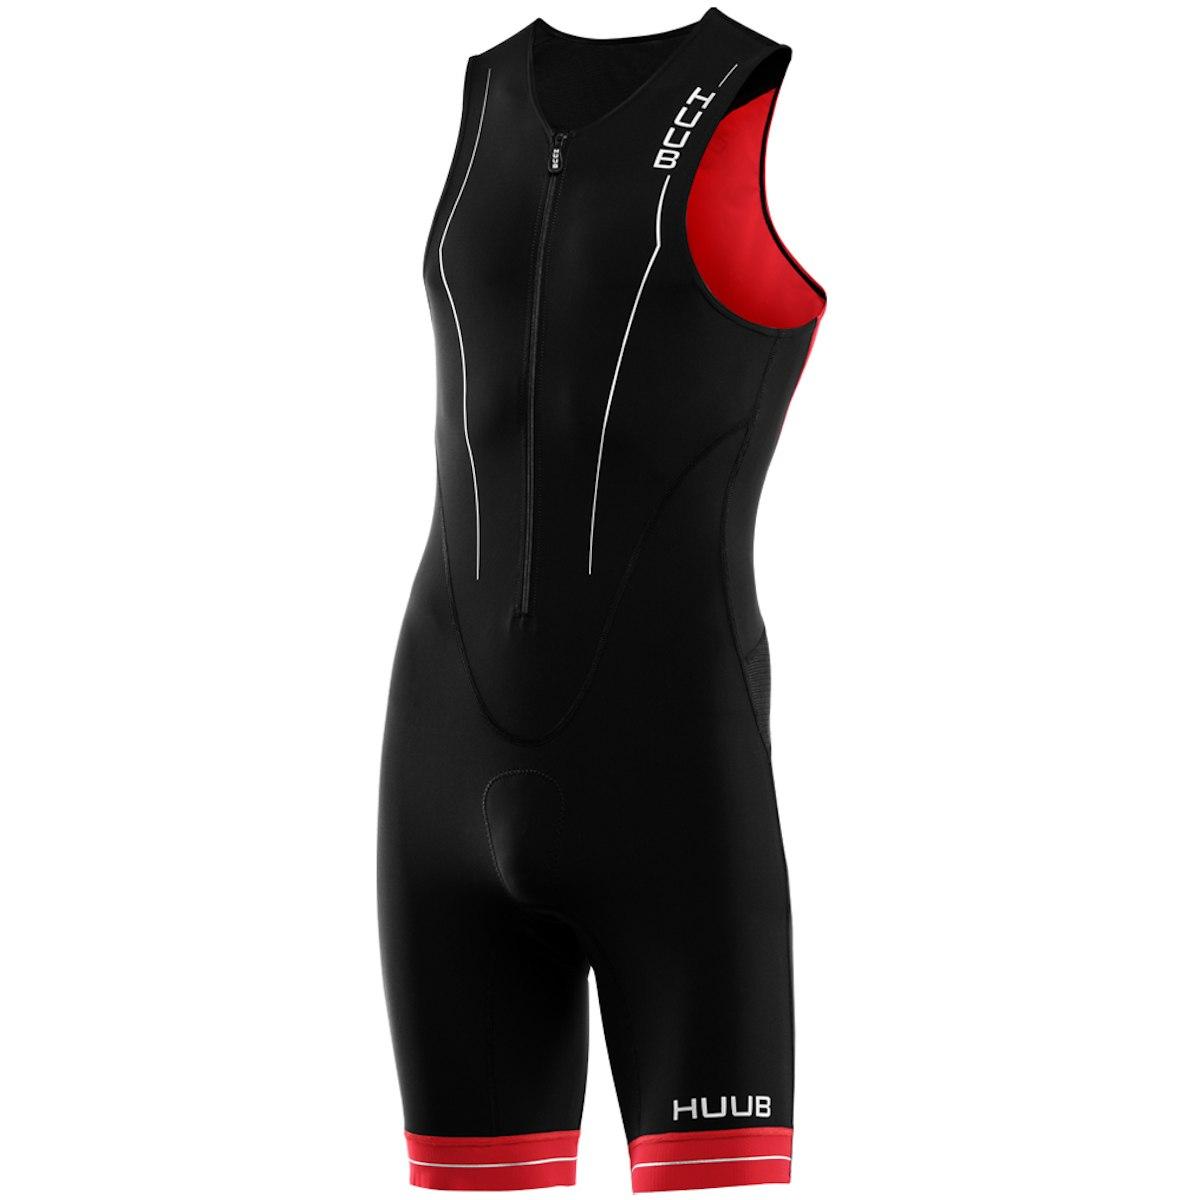 Produktbild von HUUB Design RaceLine Herren Trisuit - schwarz/rot